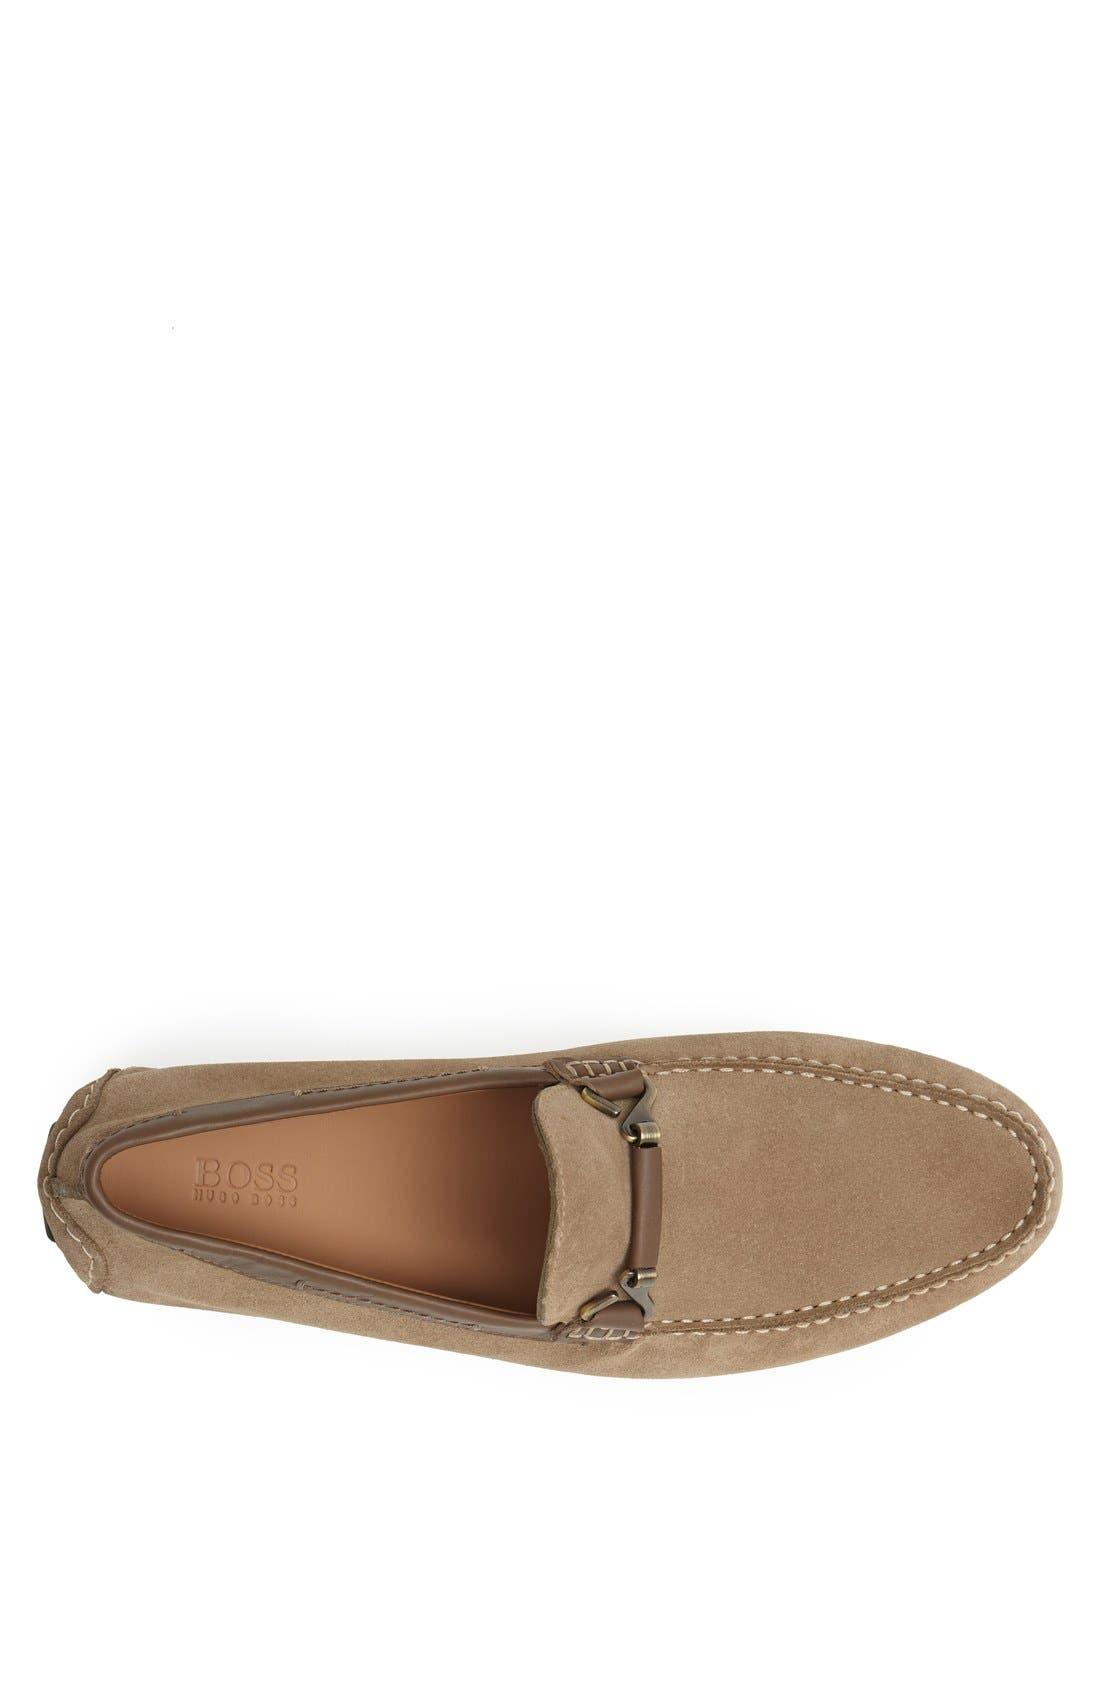 Alternate Image 3  - BOSS HUGO BOSS 'Drenno' Driving Shoe (Men)